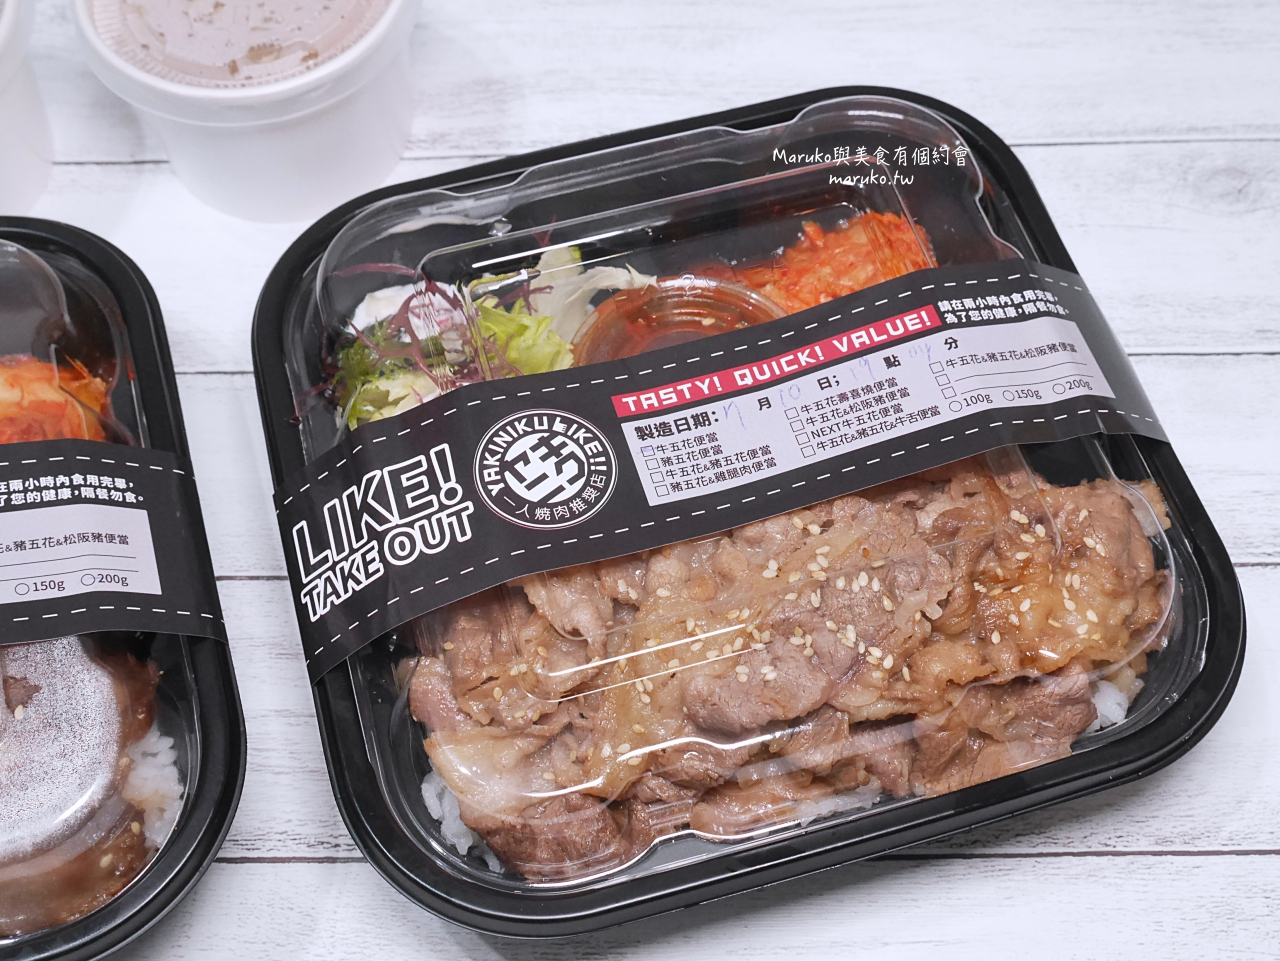 【台北】燒肉Like 一個人也可以吃的燒肉 含外帶便當 捷運台北車站美食推薦